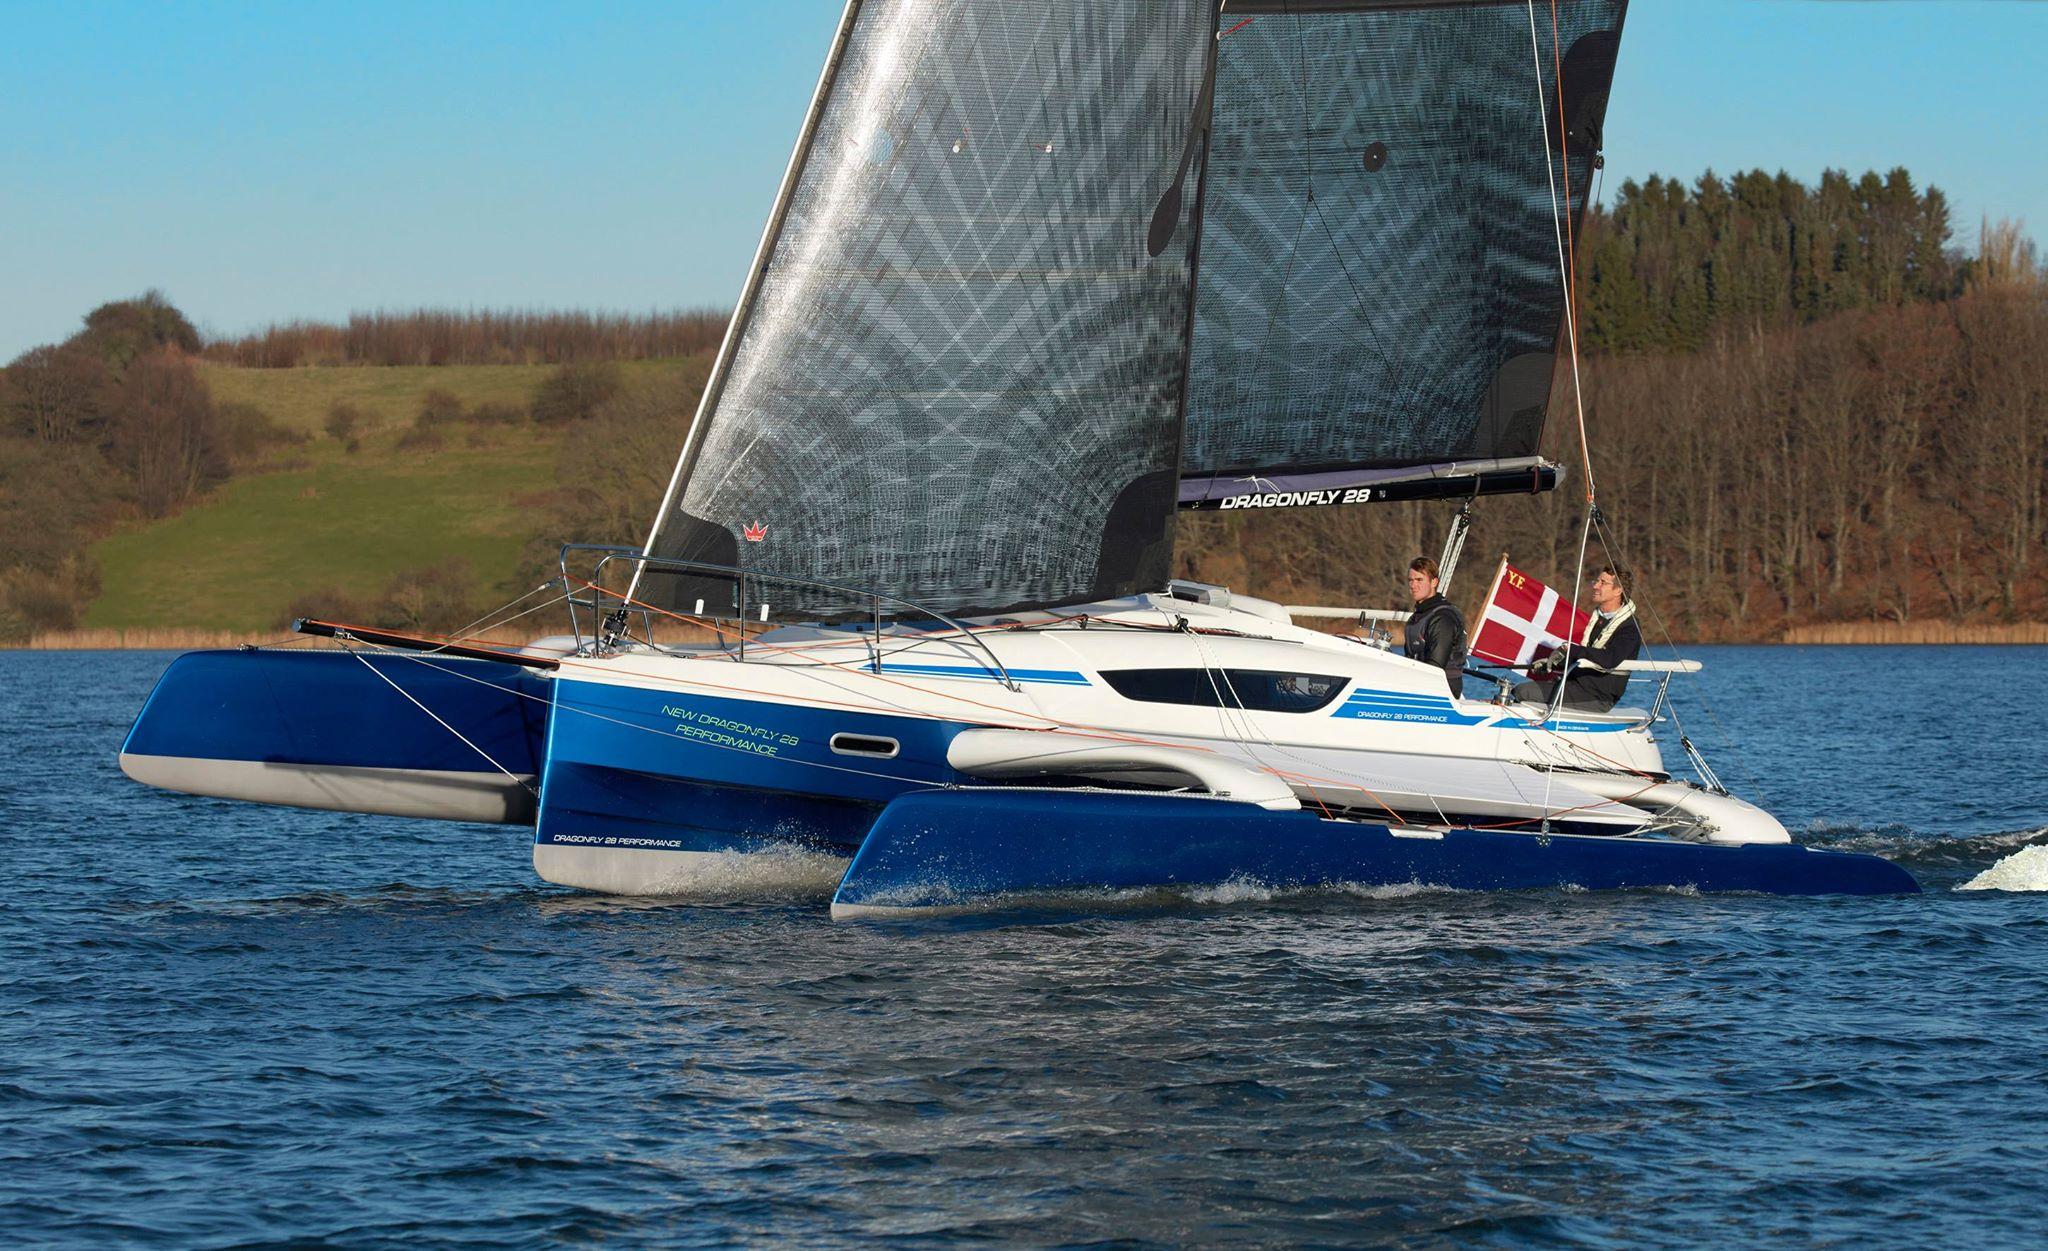 Dragonfly 28 Performance, nyeste version af den populære Dragonfly 28-serie, vises frem. Der er nu solgt 200 af bådtypen, forklarer Quorning Boats. PR-foto